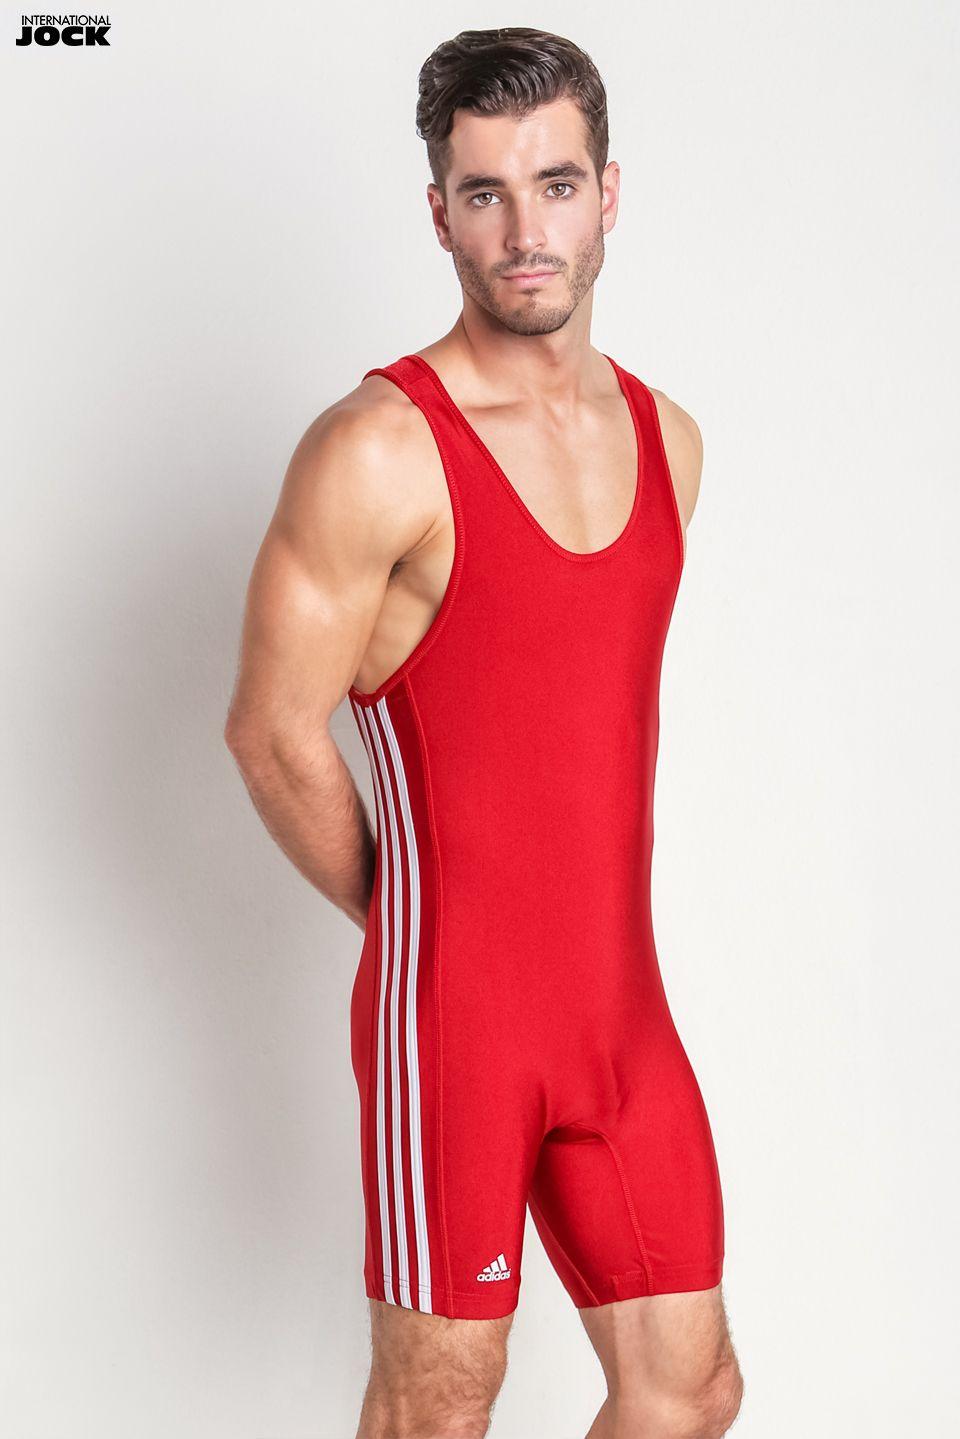 635929fa2262e Andrew Biernat wearing Adidas 3 Stripe wrestling singlet #andrew #biernat # adidas #sportswear #athletics #3 #stripes #wrestling #singlet #red #male  #model ...